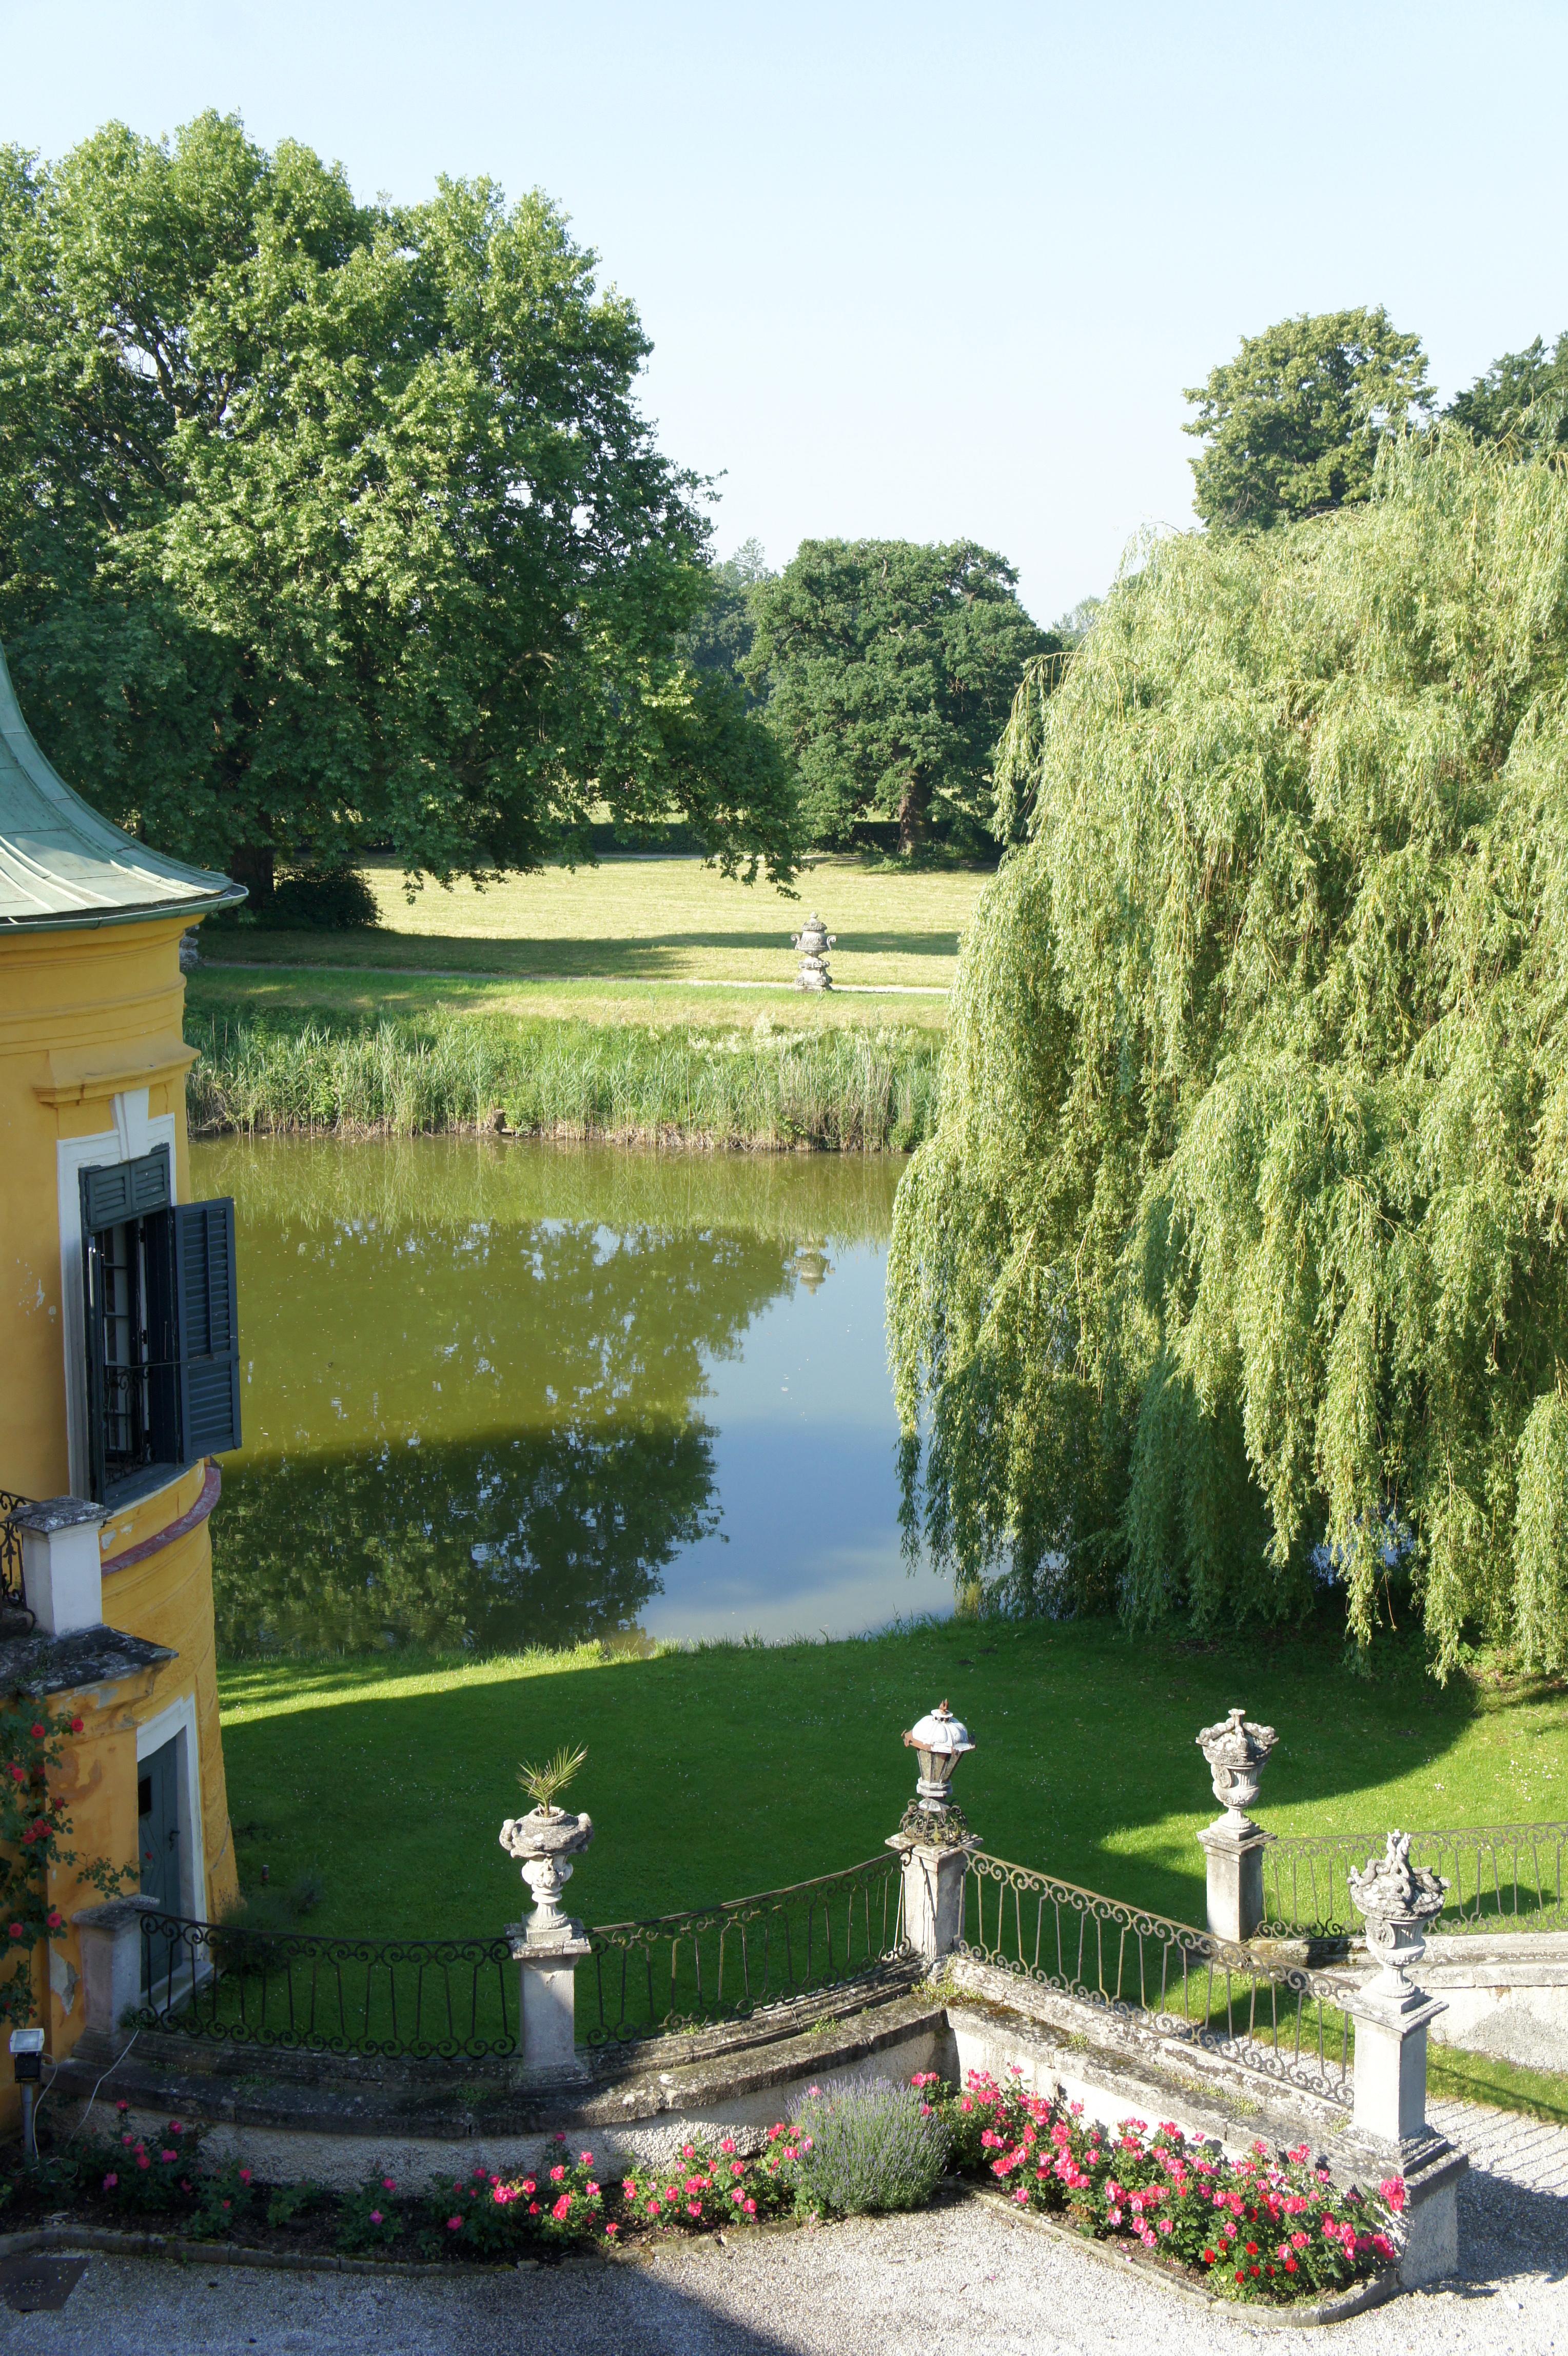 Appartement de vacances Luxuriöses, einzigartiges barockes Schloss, aufwendig eingerichtet (2306589), St. Pölten, Mostviertel, Basse Autriche, Autriche, image 5